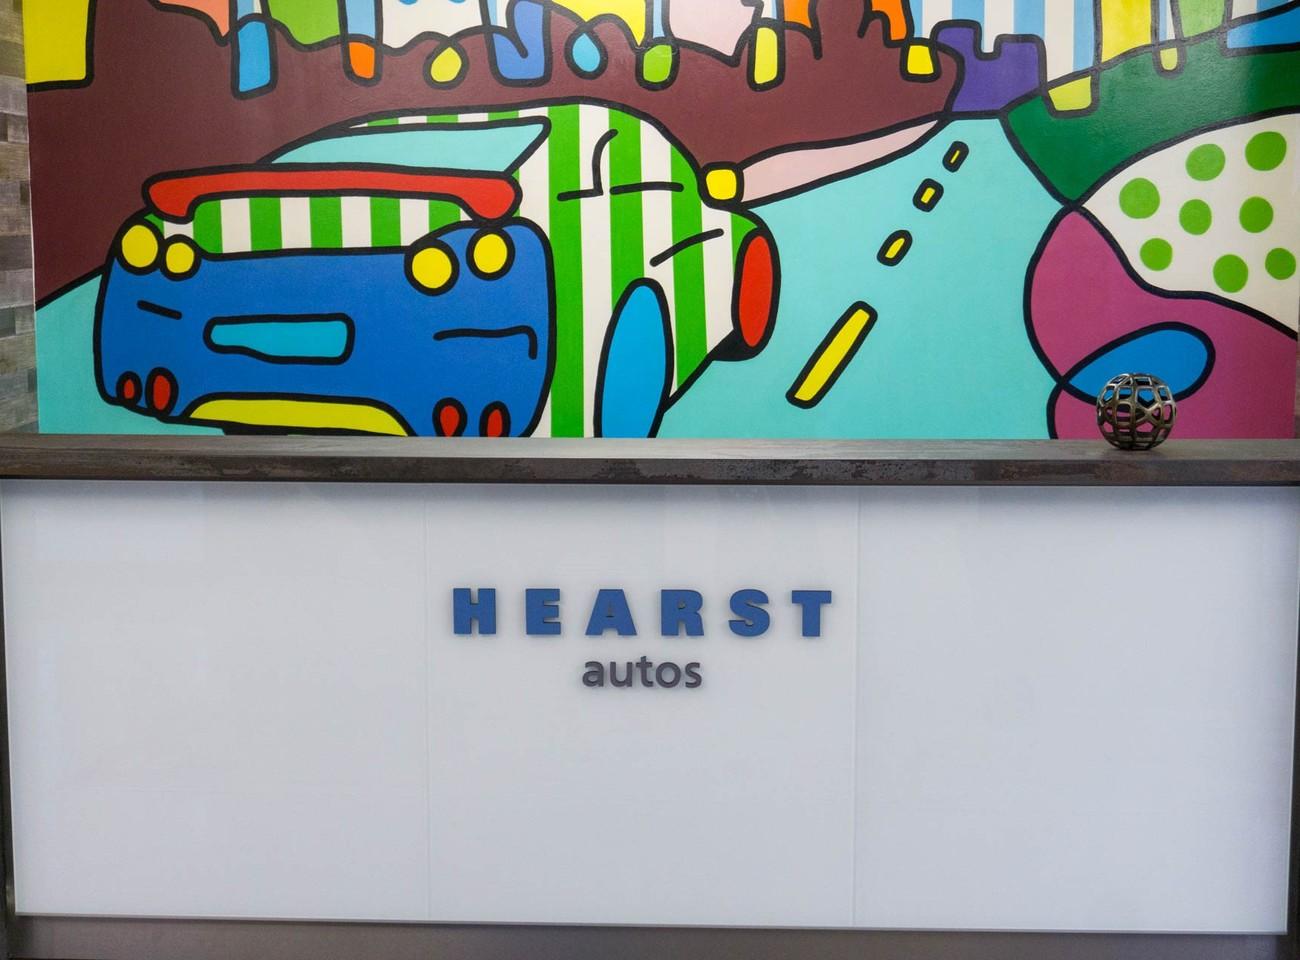 Hearst Autos Careers